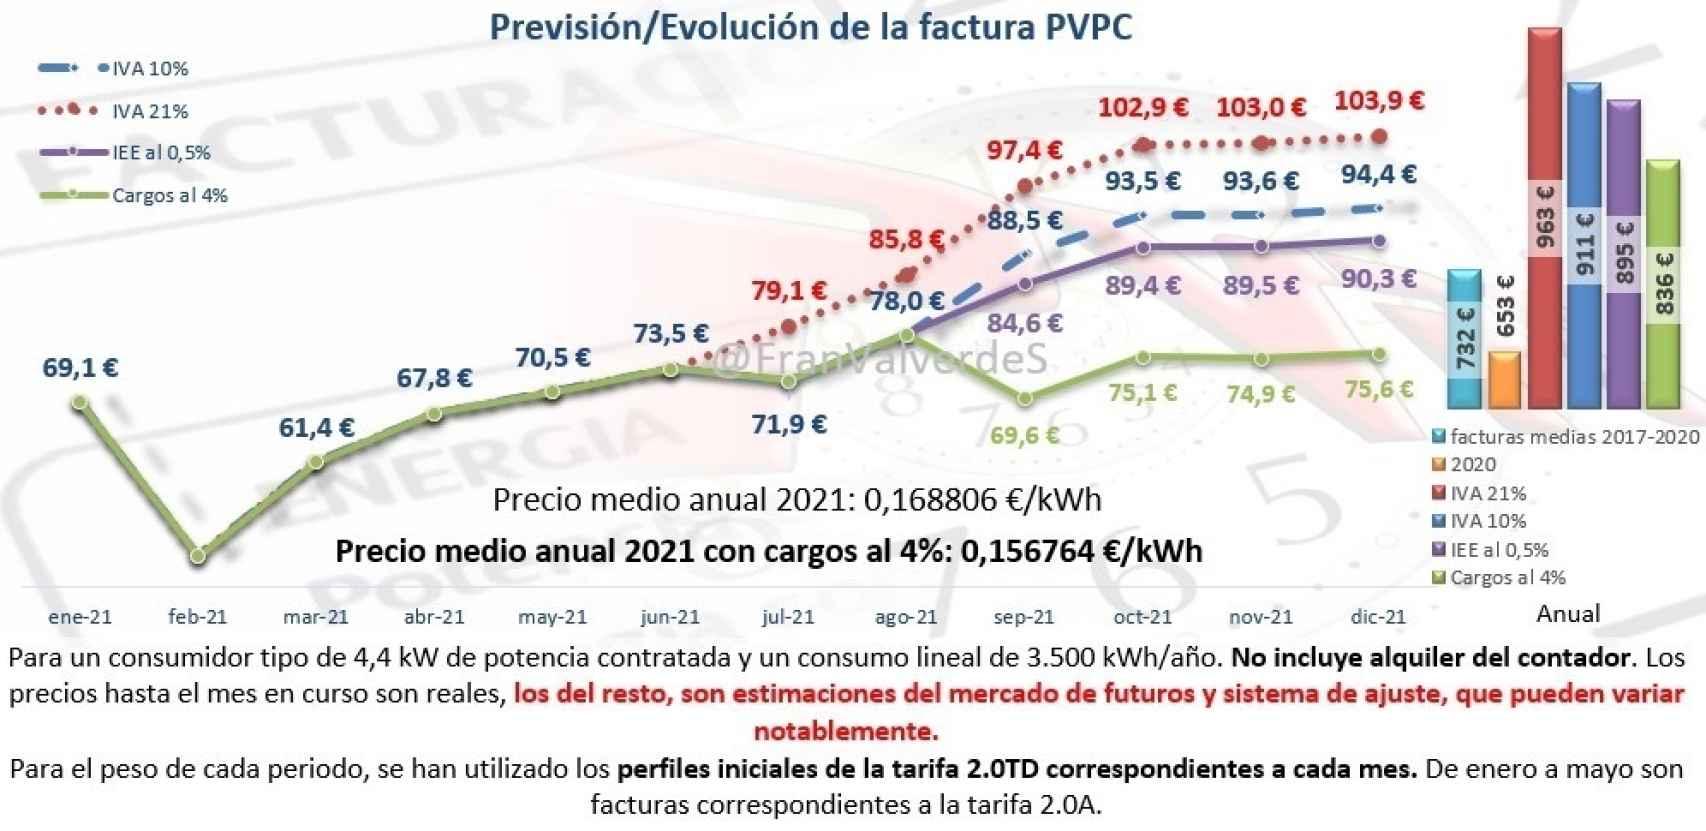 Precios:Evolución de la factura PVPC